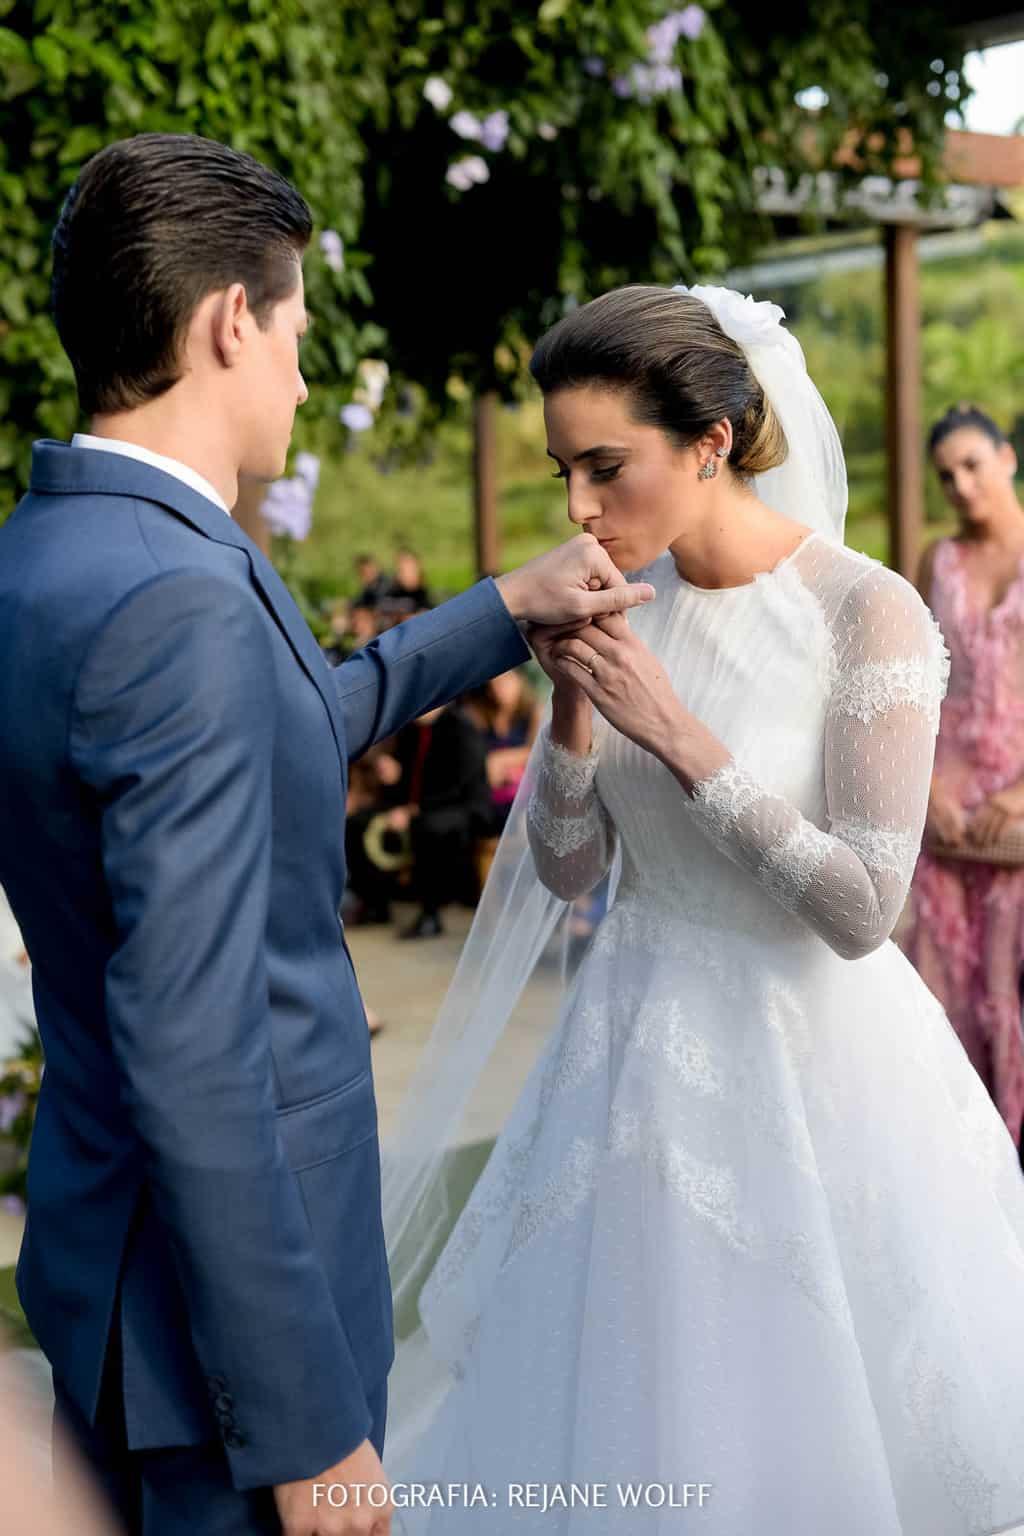 Casamento-Verane-e-Bruno-fotografia-Rejane-Wolff-hora-do-buque-Rej-Terras-de-Clara7